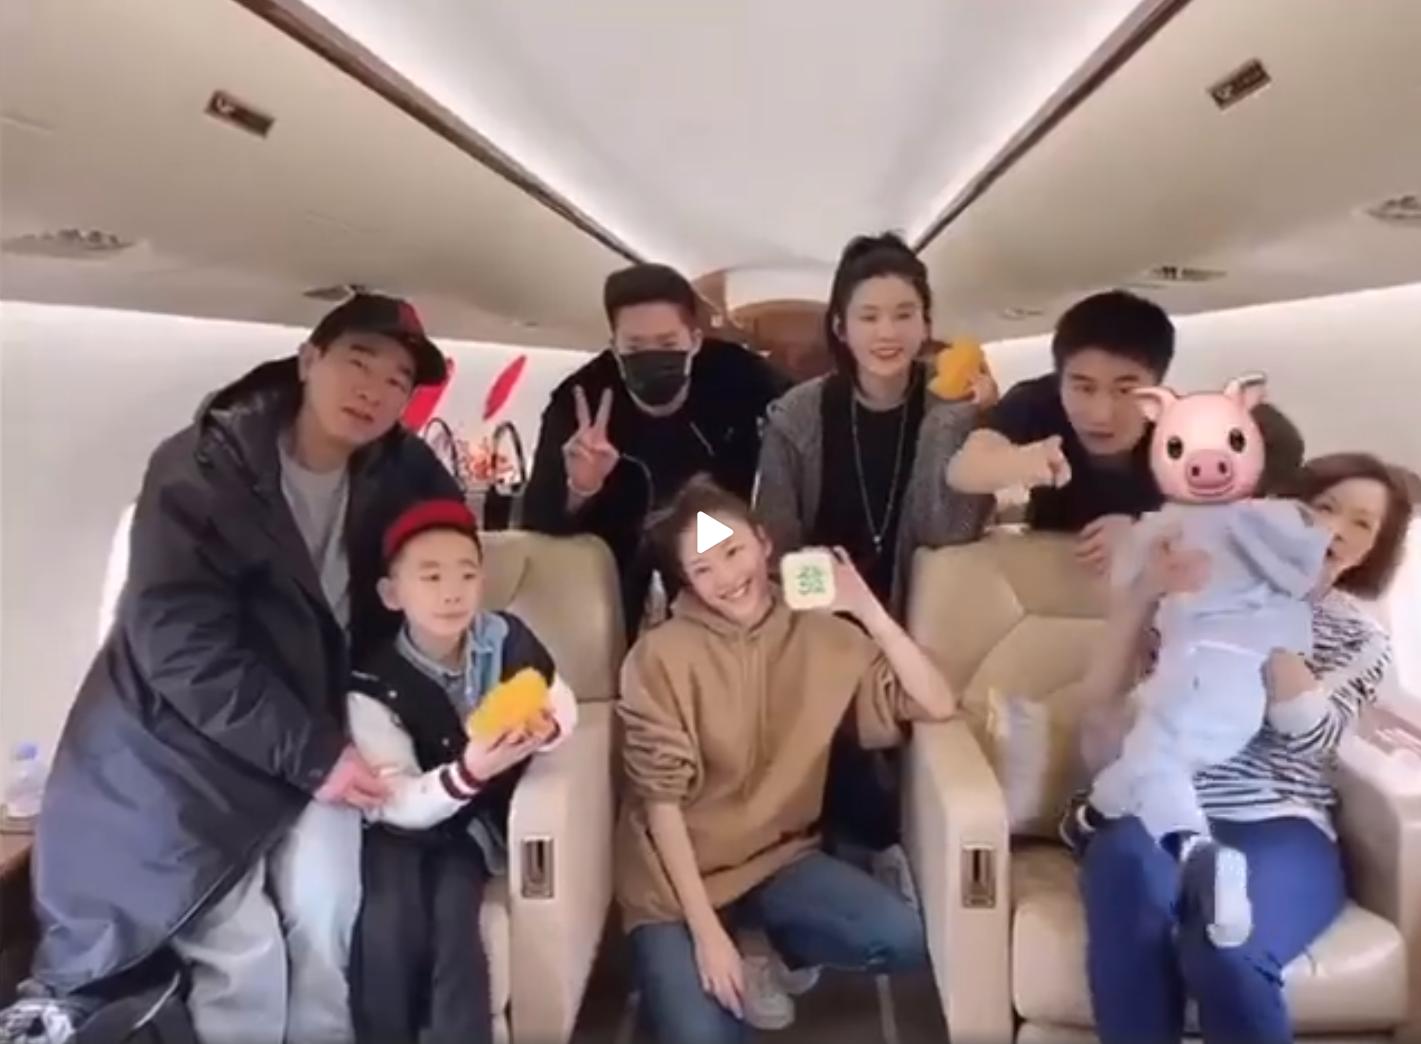 賭王1歲長孫罕見現身! 一身藍色套裝乘坐私人飛機,還同框小小春